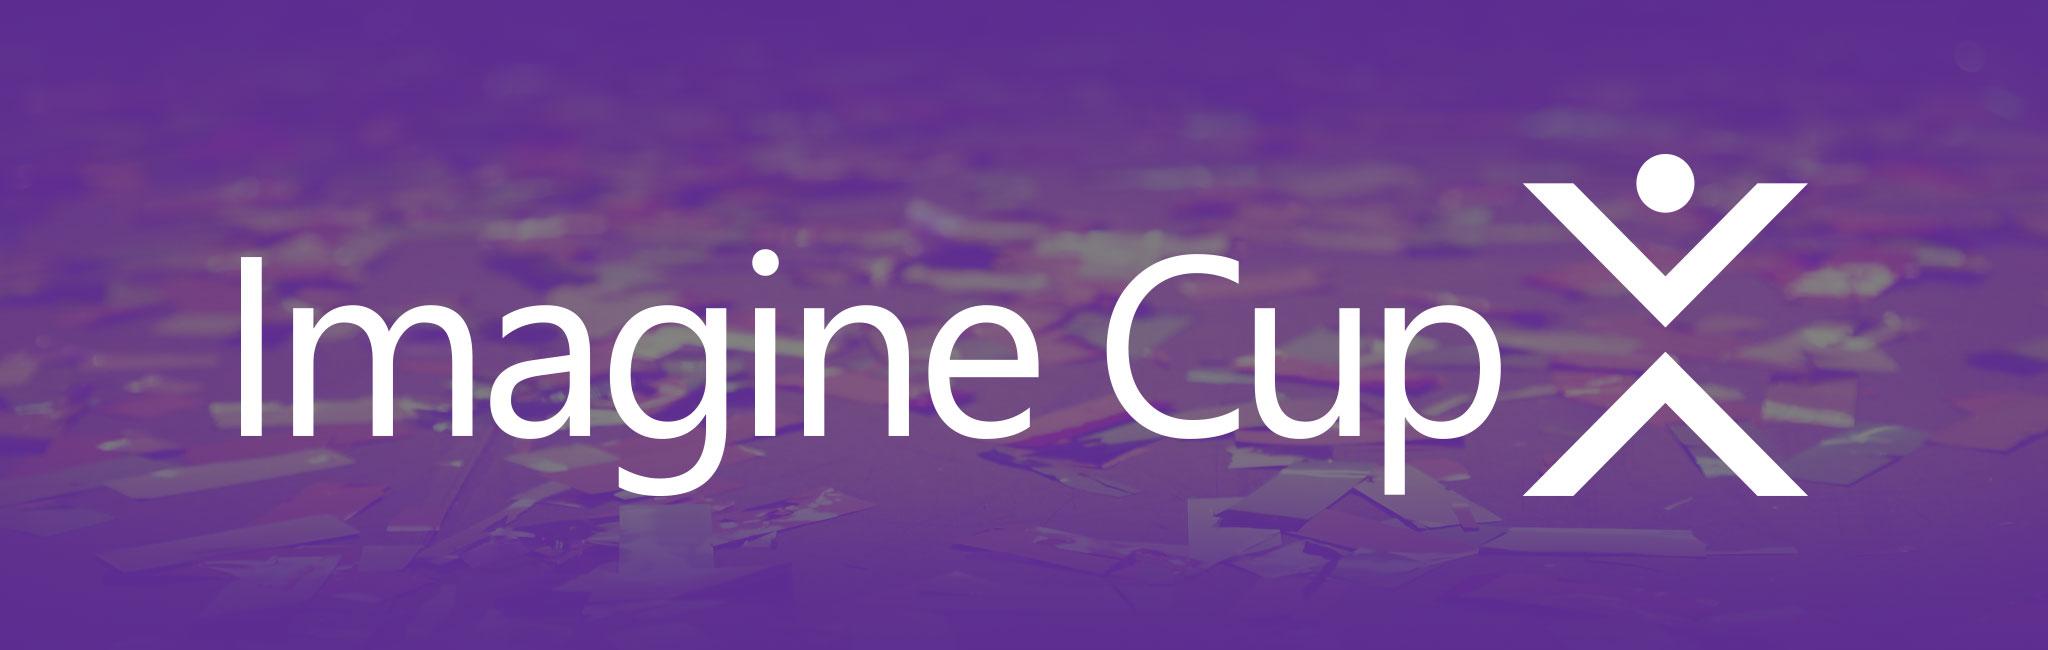 Resultado de imagen para imagine cup